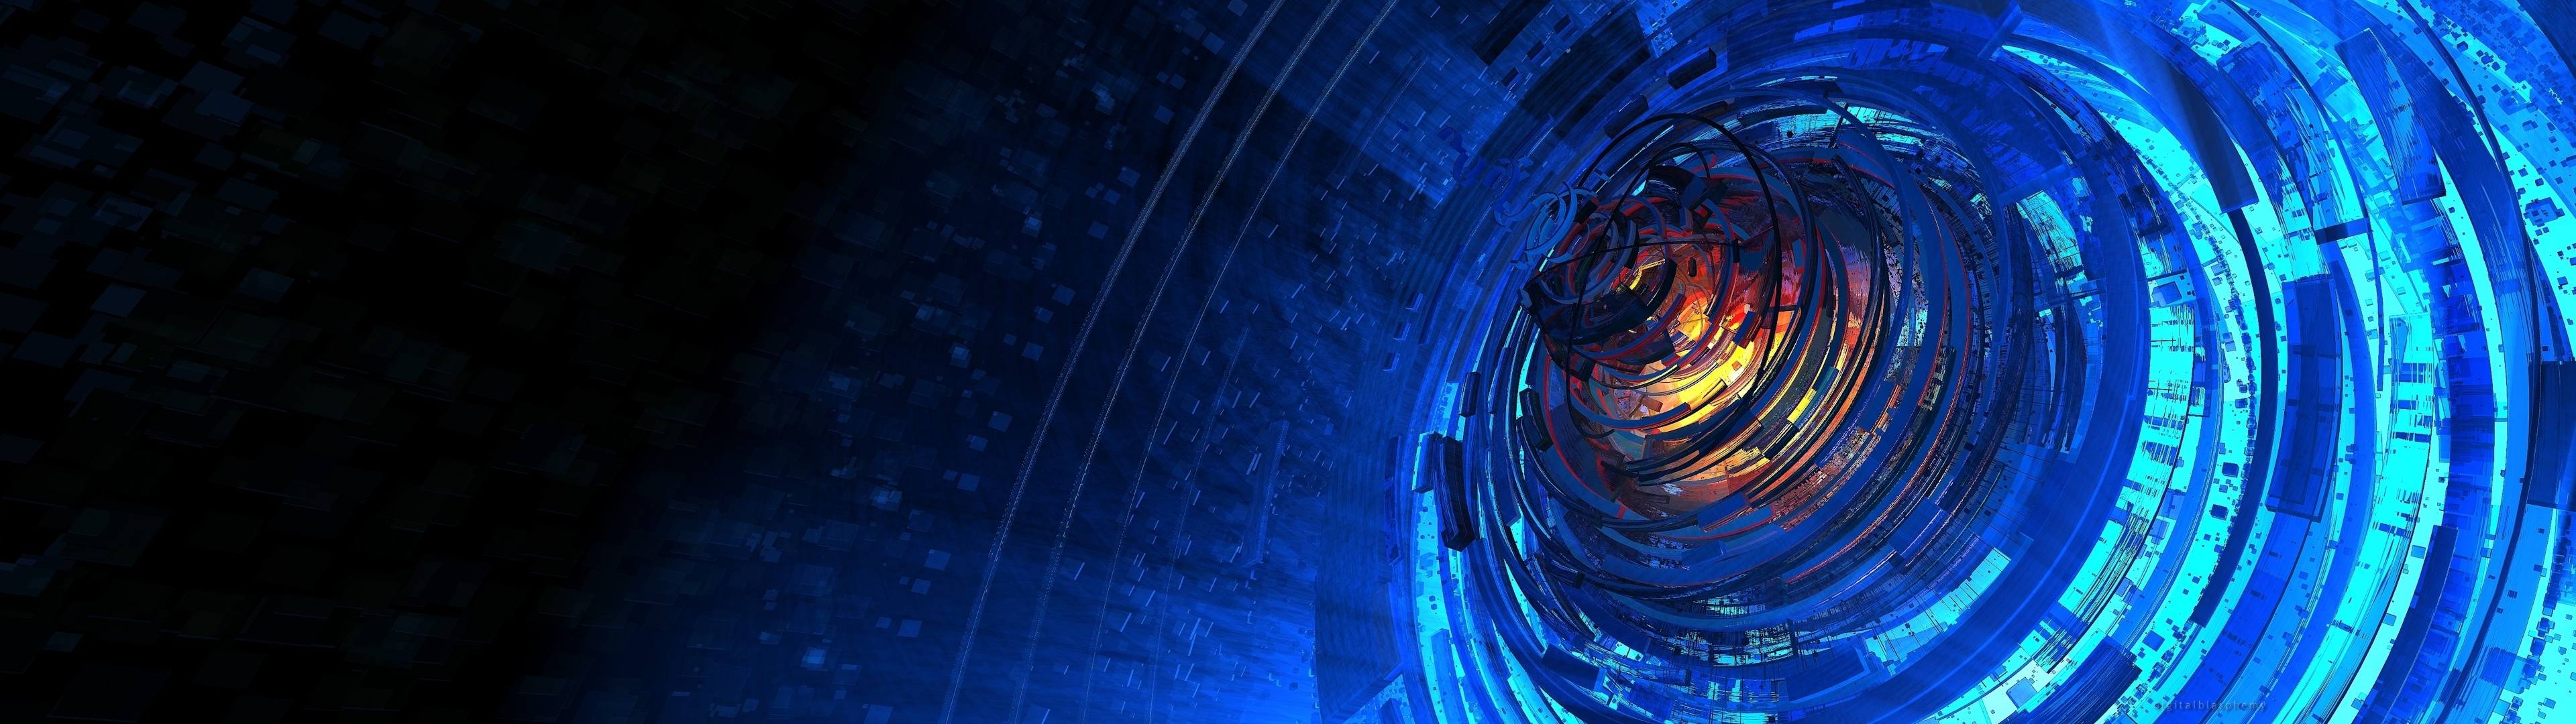 Multi Monitor Dual Screen sci fi wallpaper 3840x1080 30637 3840x1080